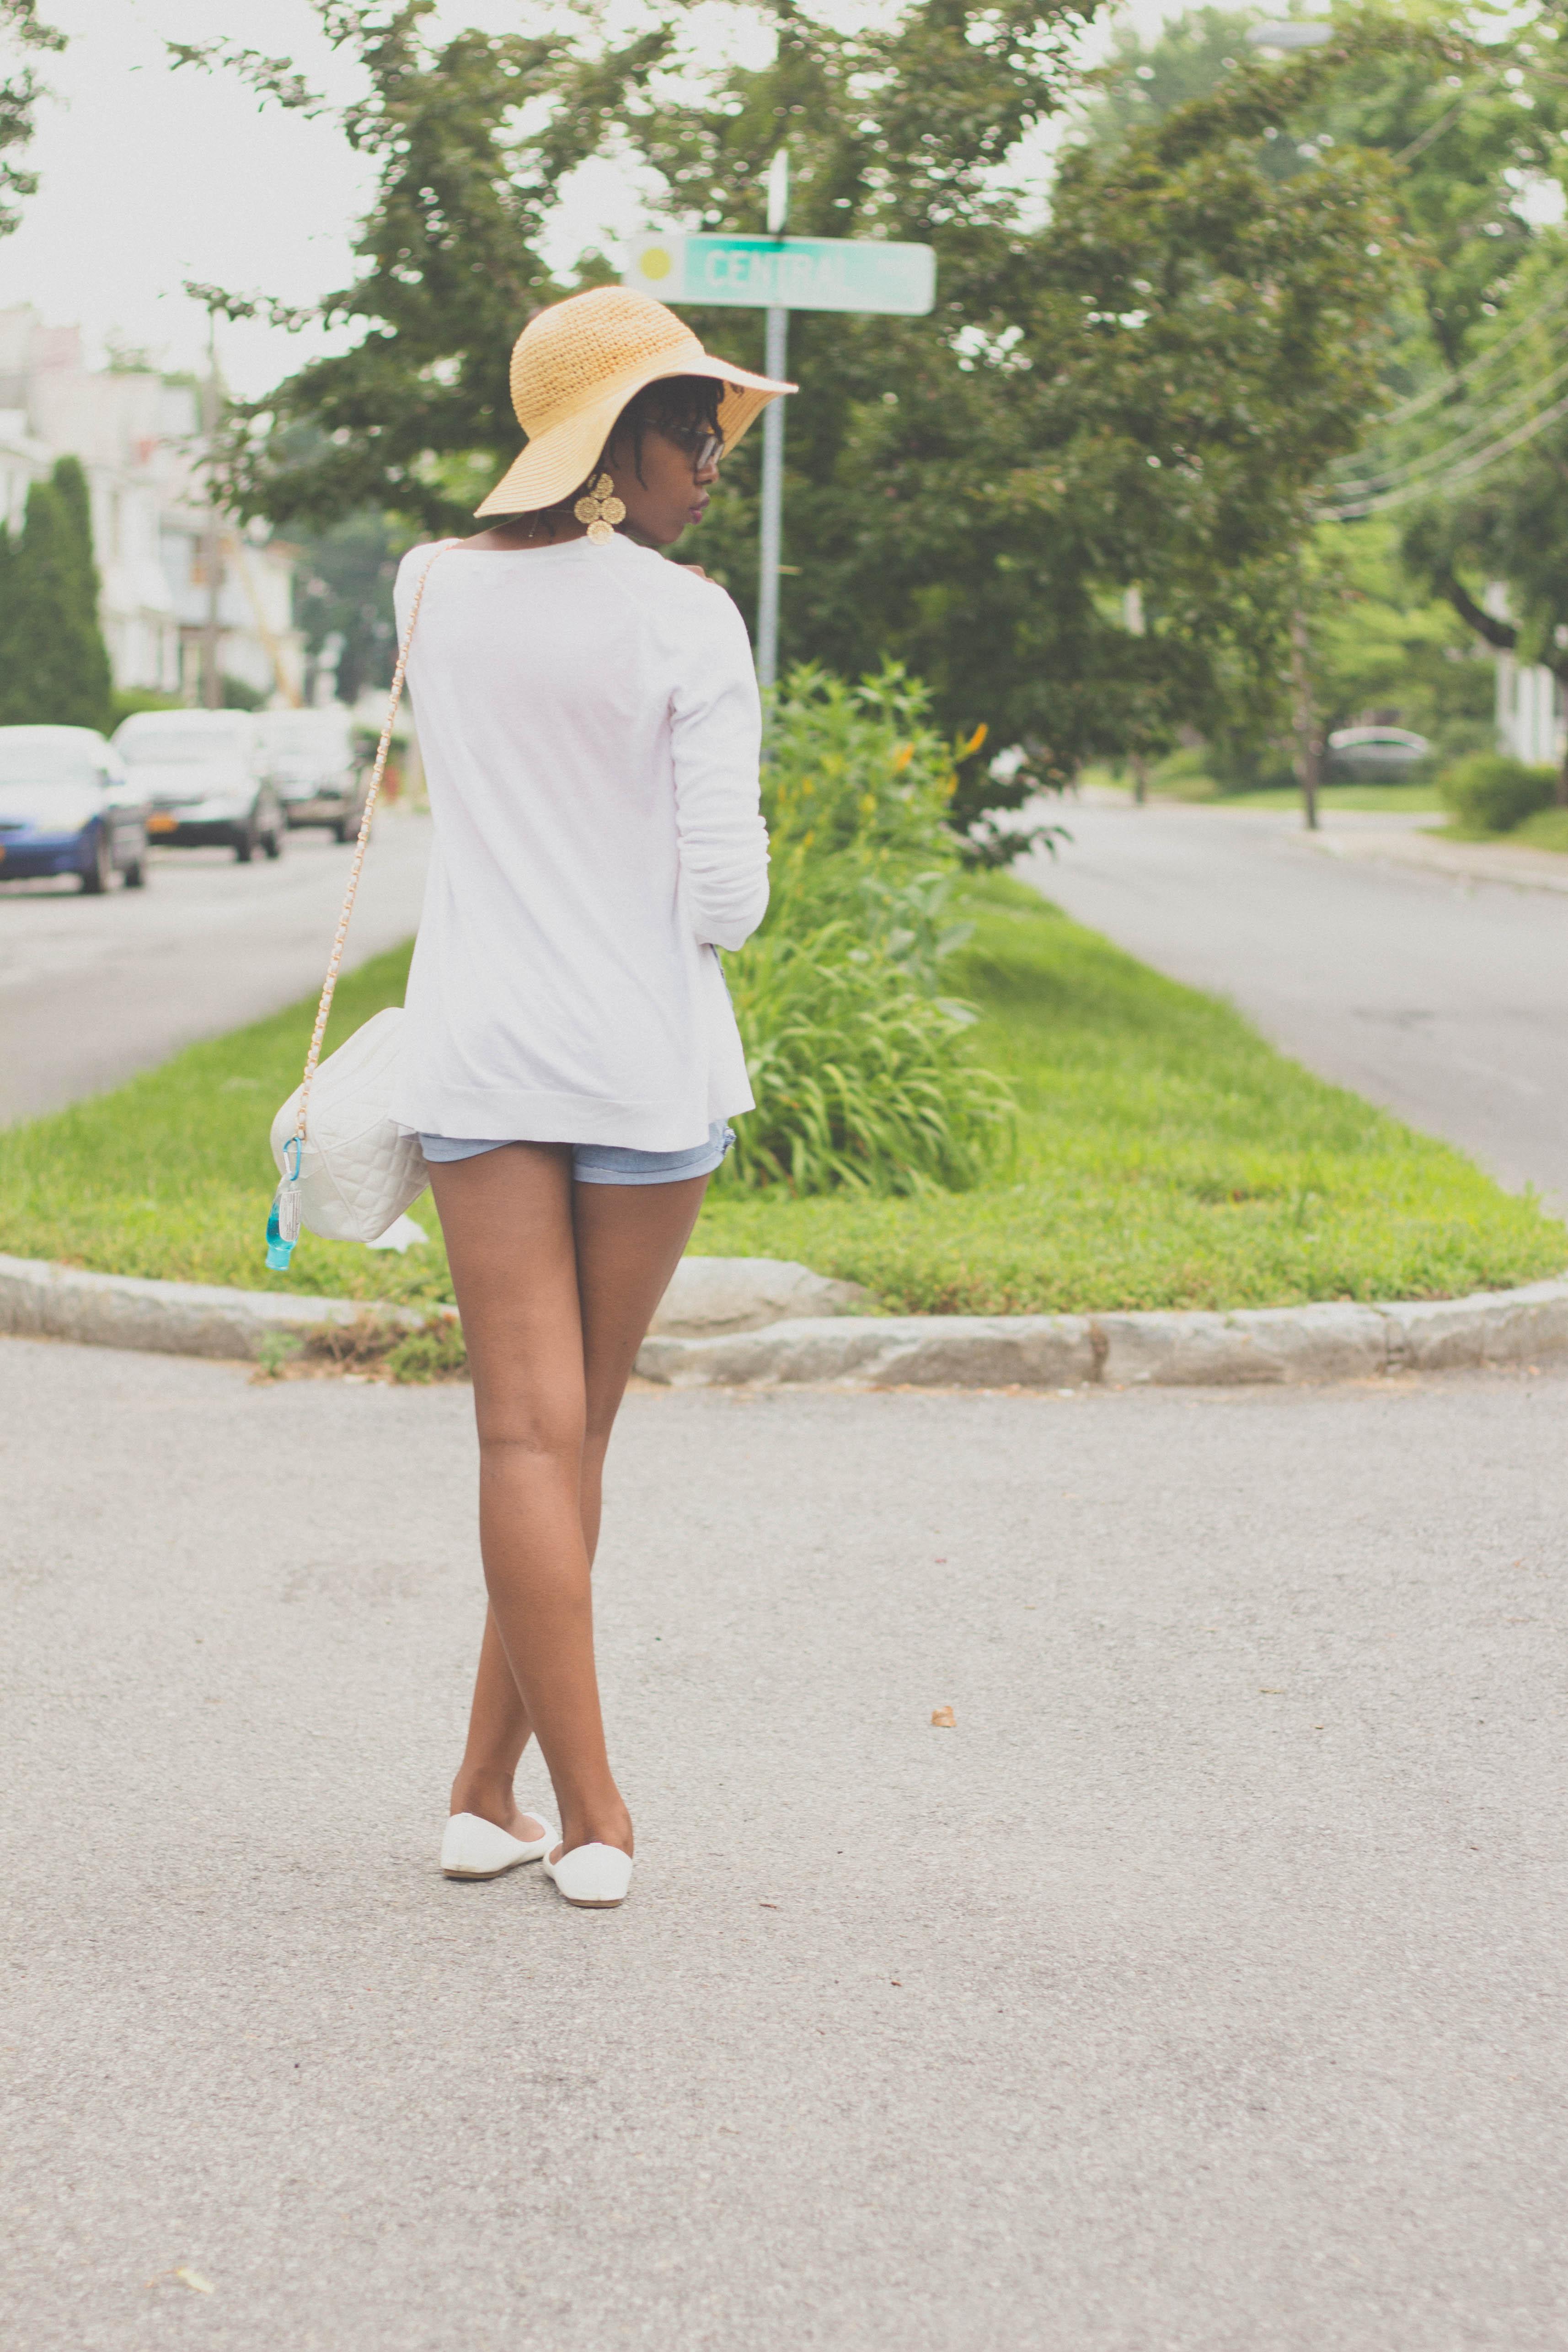 Sun Hats & Short Shorts